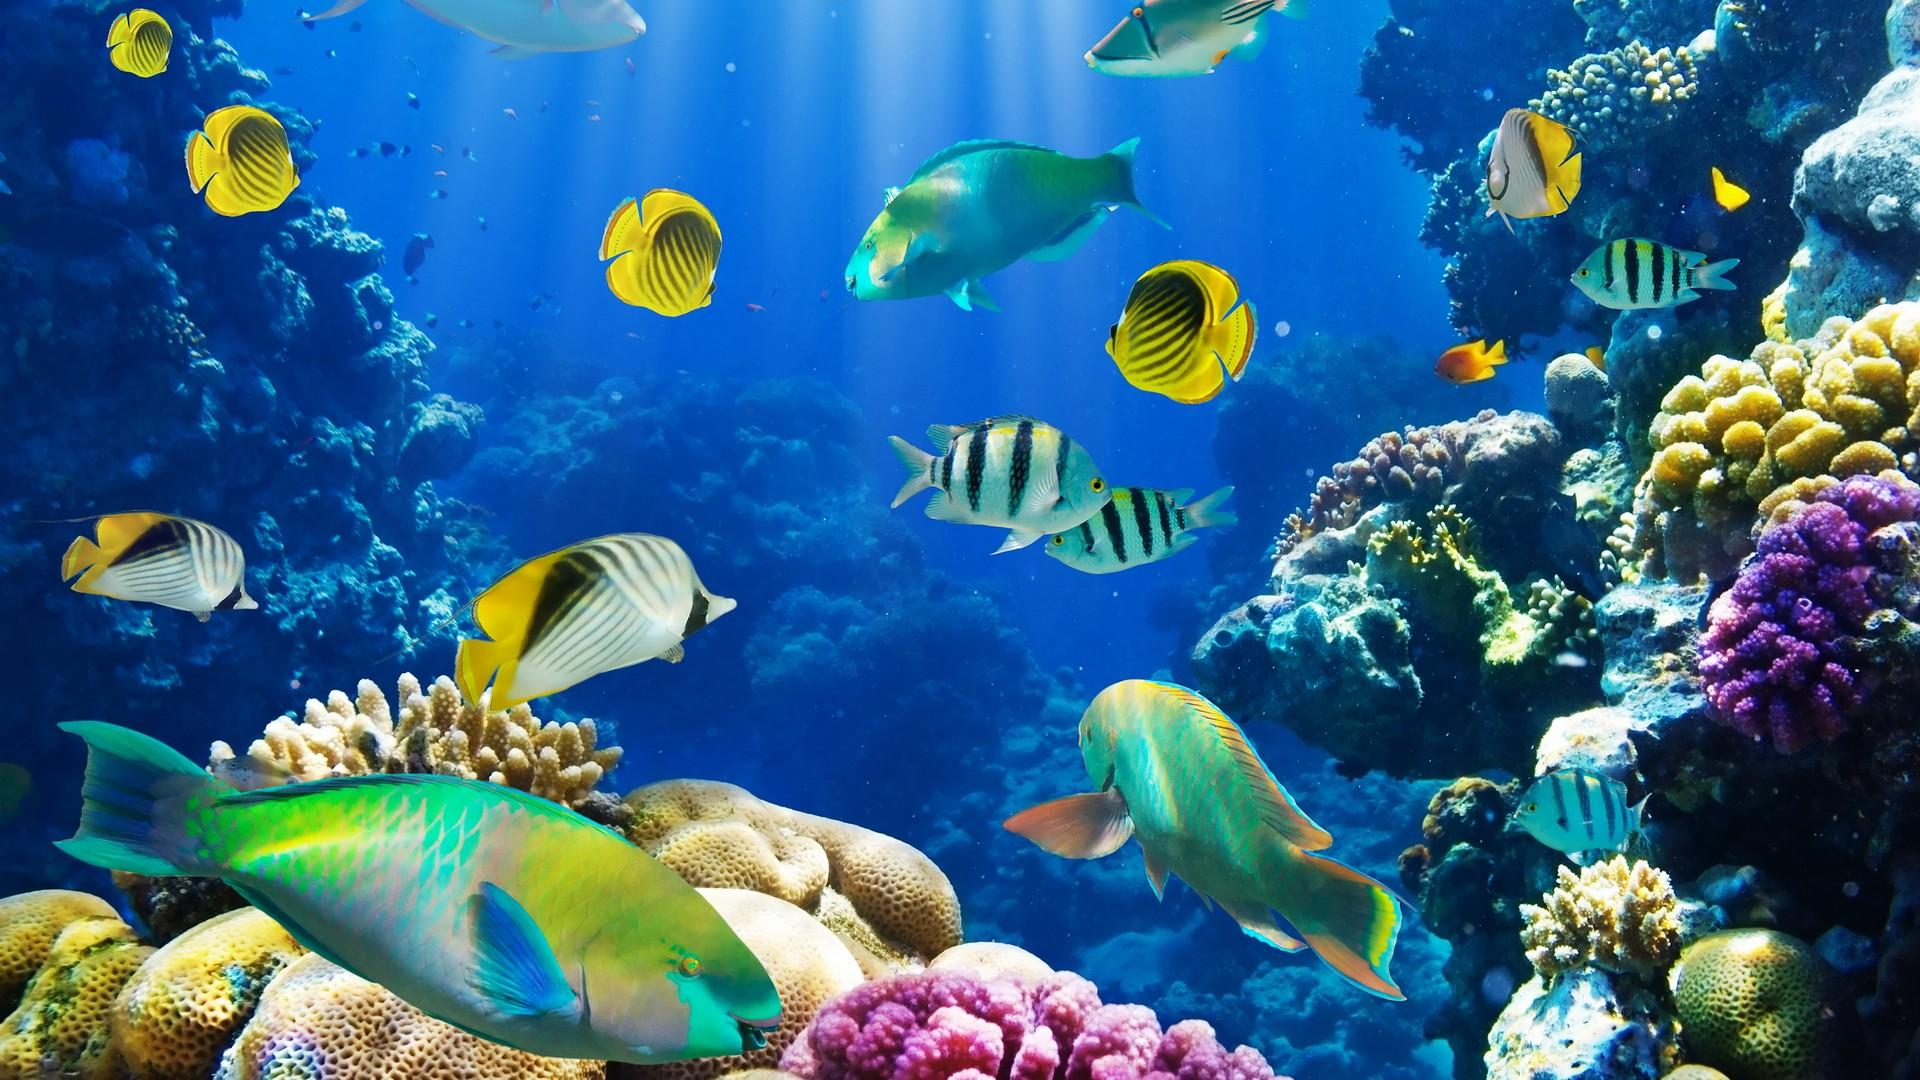 Fish Animal Animals 1920x1080 1920x1080